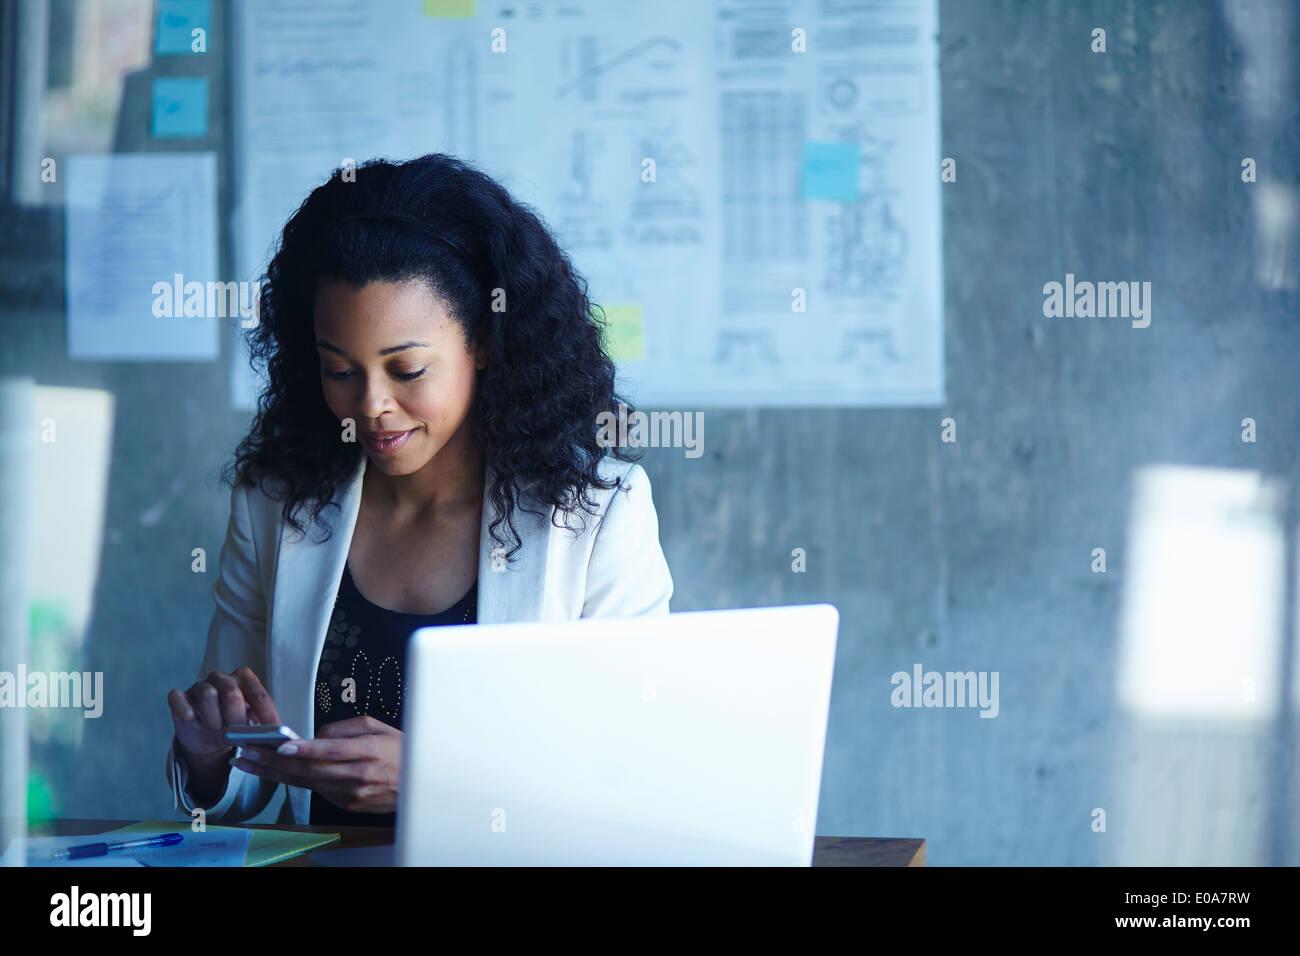 Junge Unternehmerinnen SMS auf Smartphone im Büro Stockbild